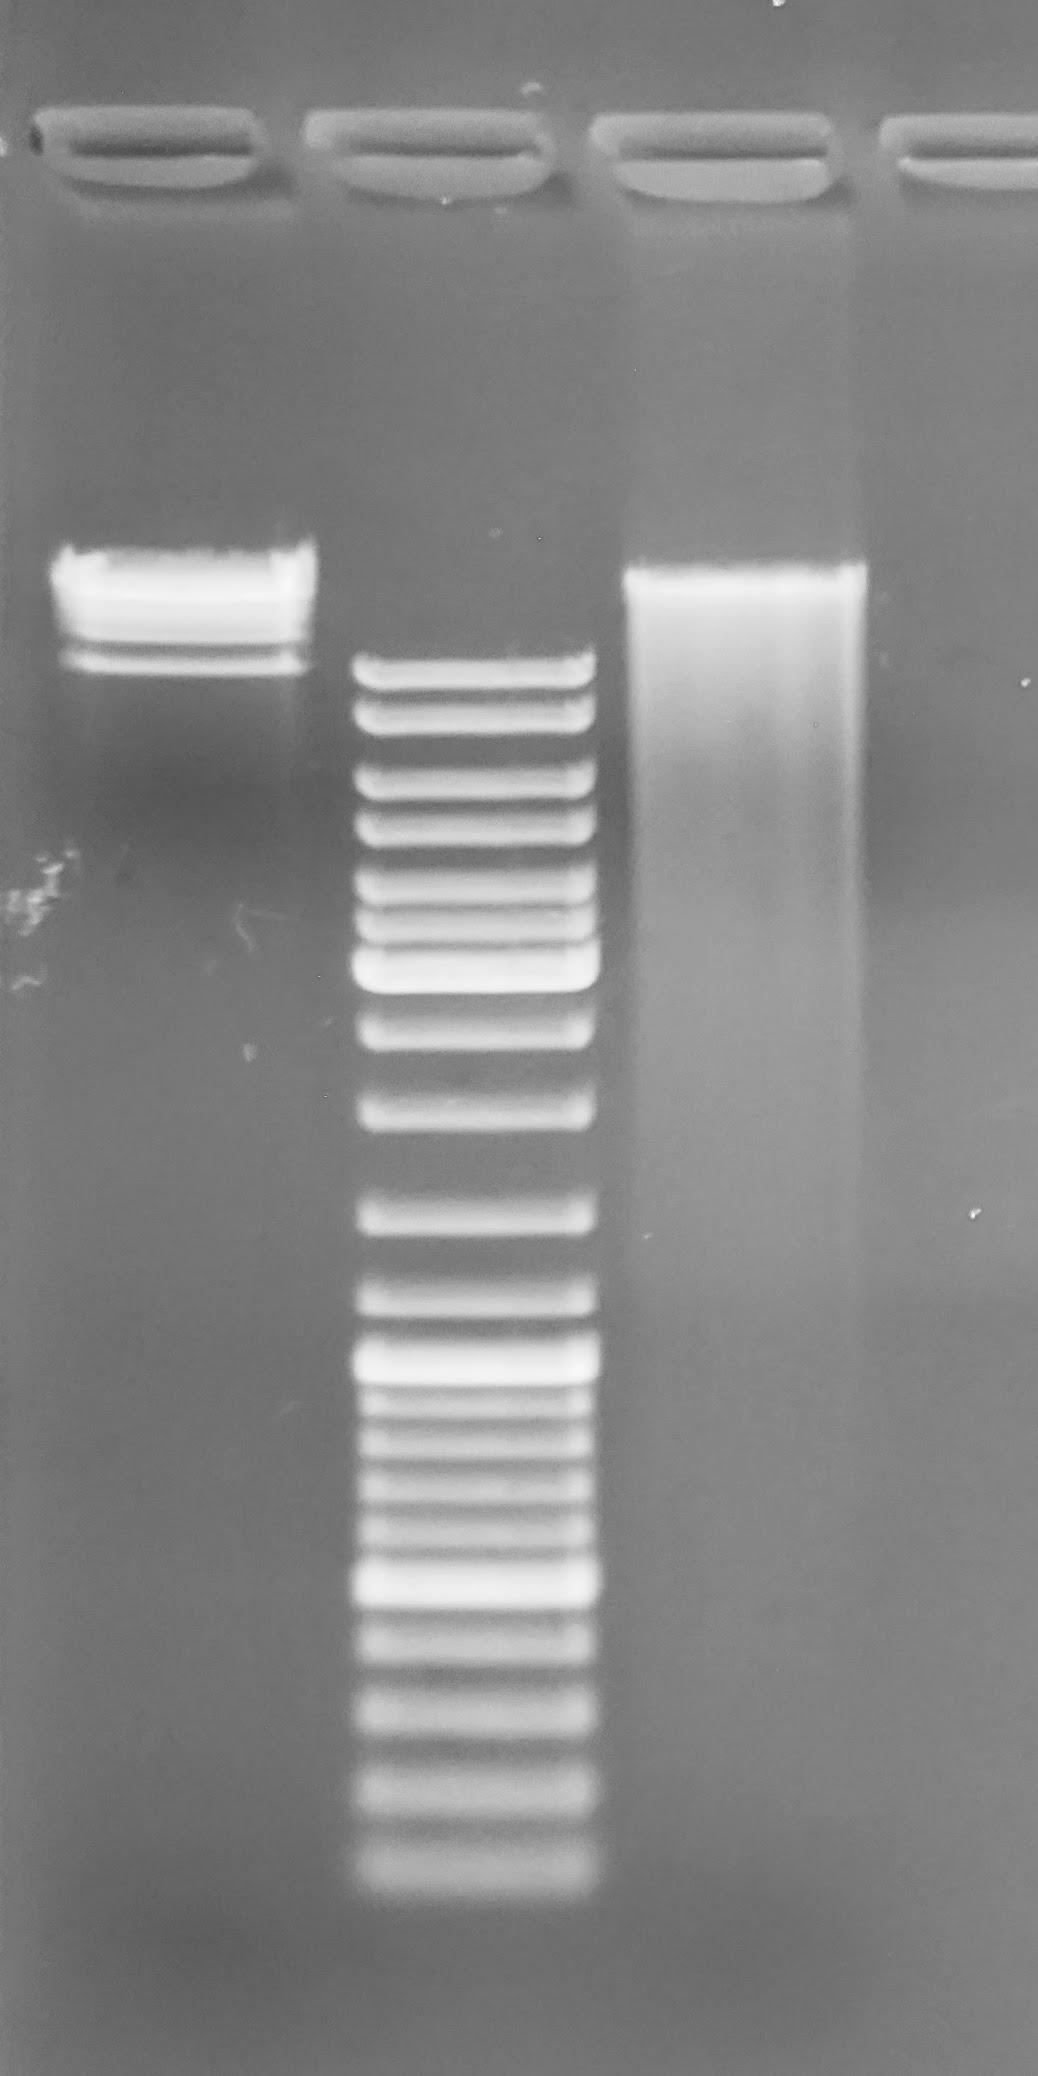 gel image of C.bairdi 6129_403_26 gDNA